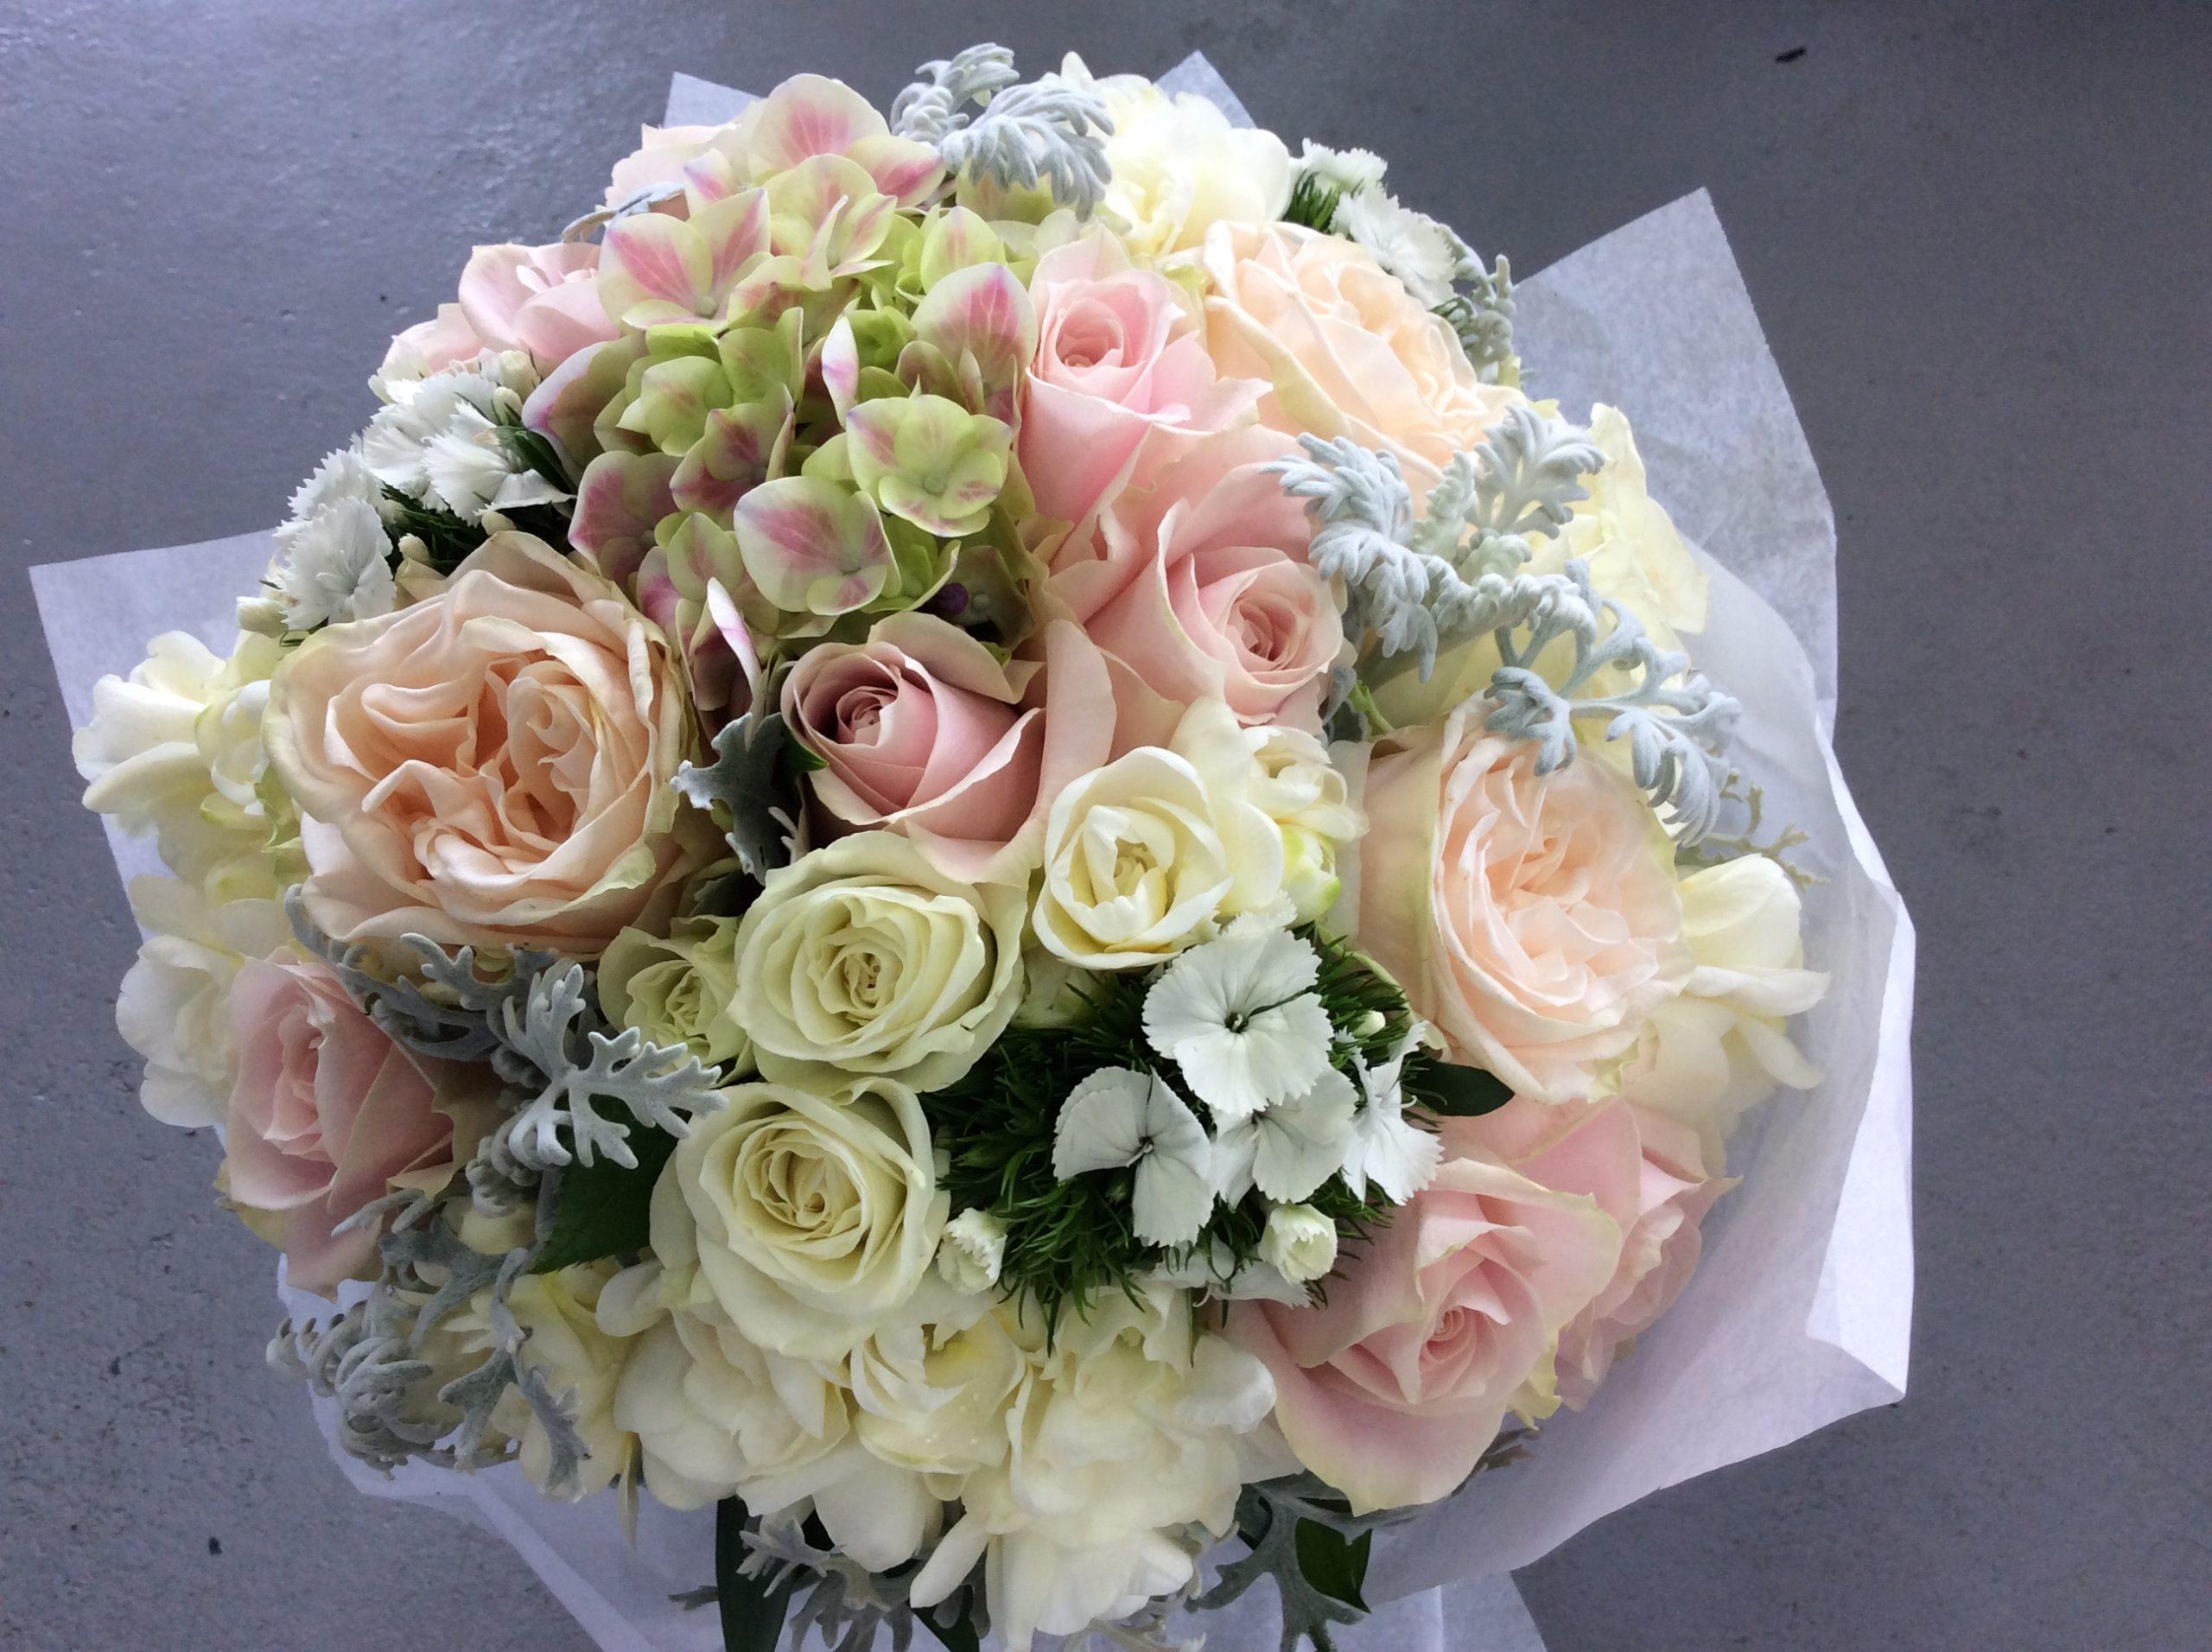 Seasonal flowers supplier in Gulf Harbour